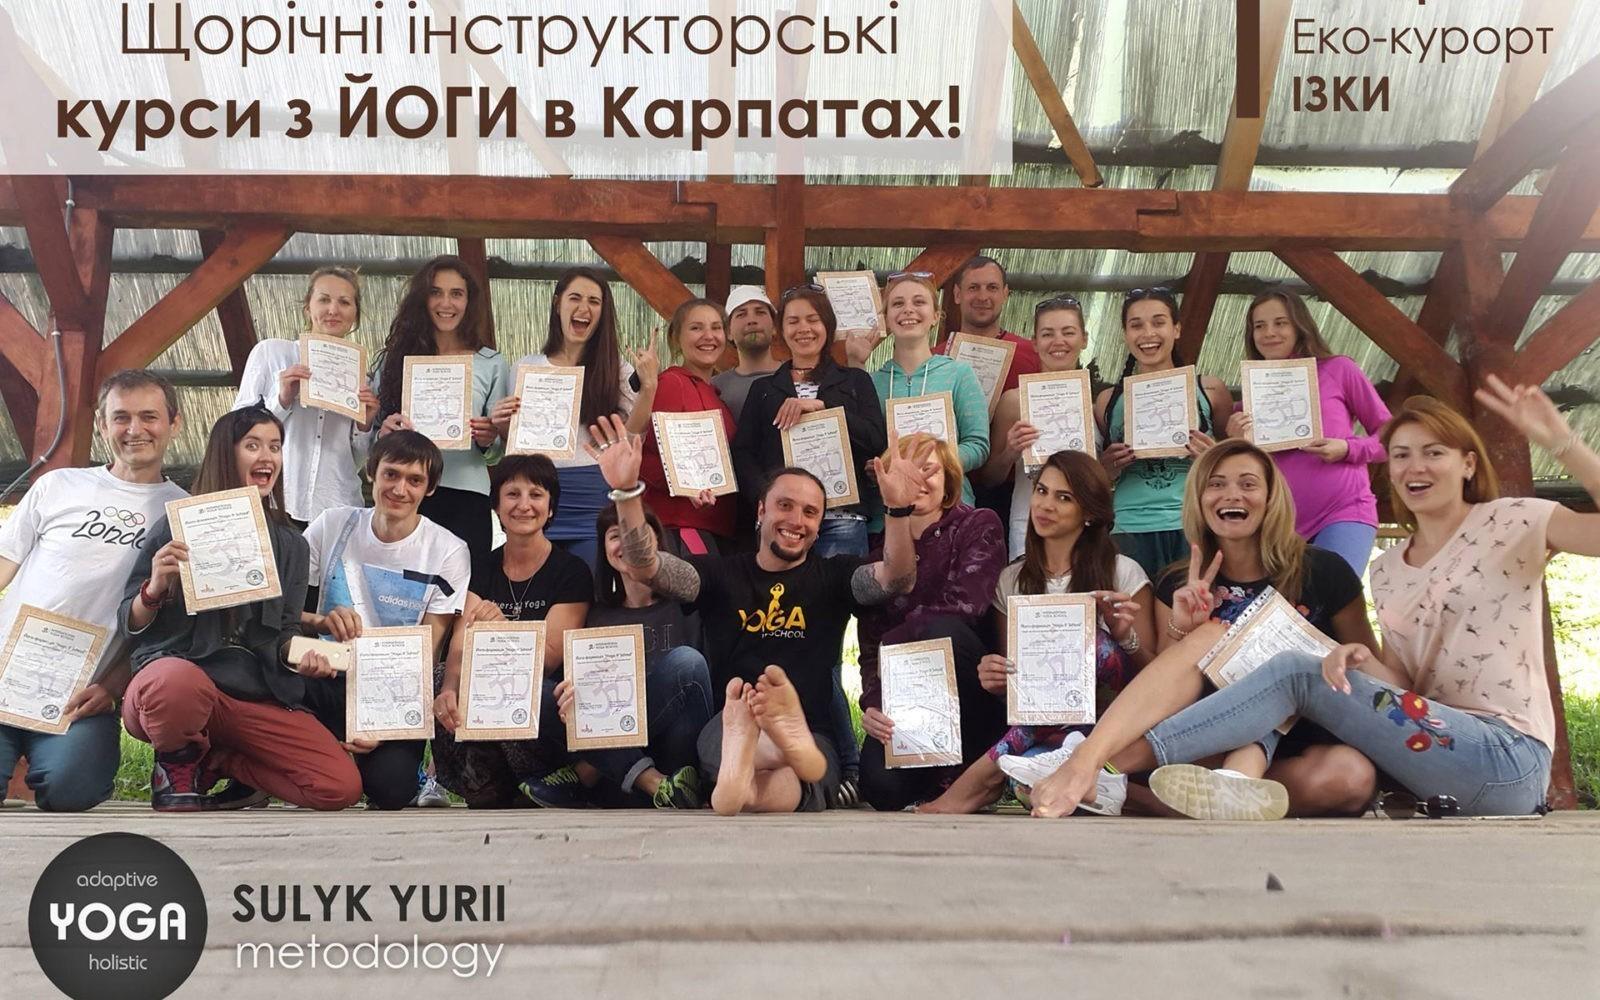 Юрий Сулык - курсы